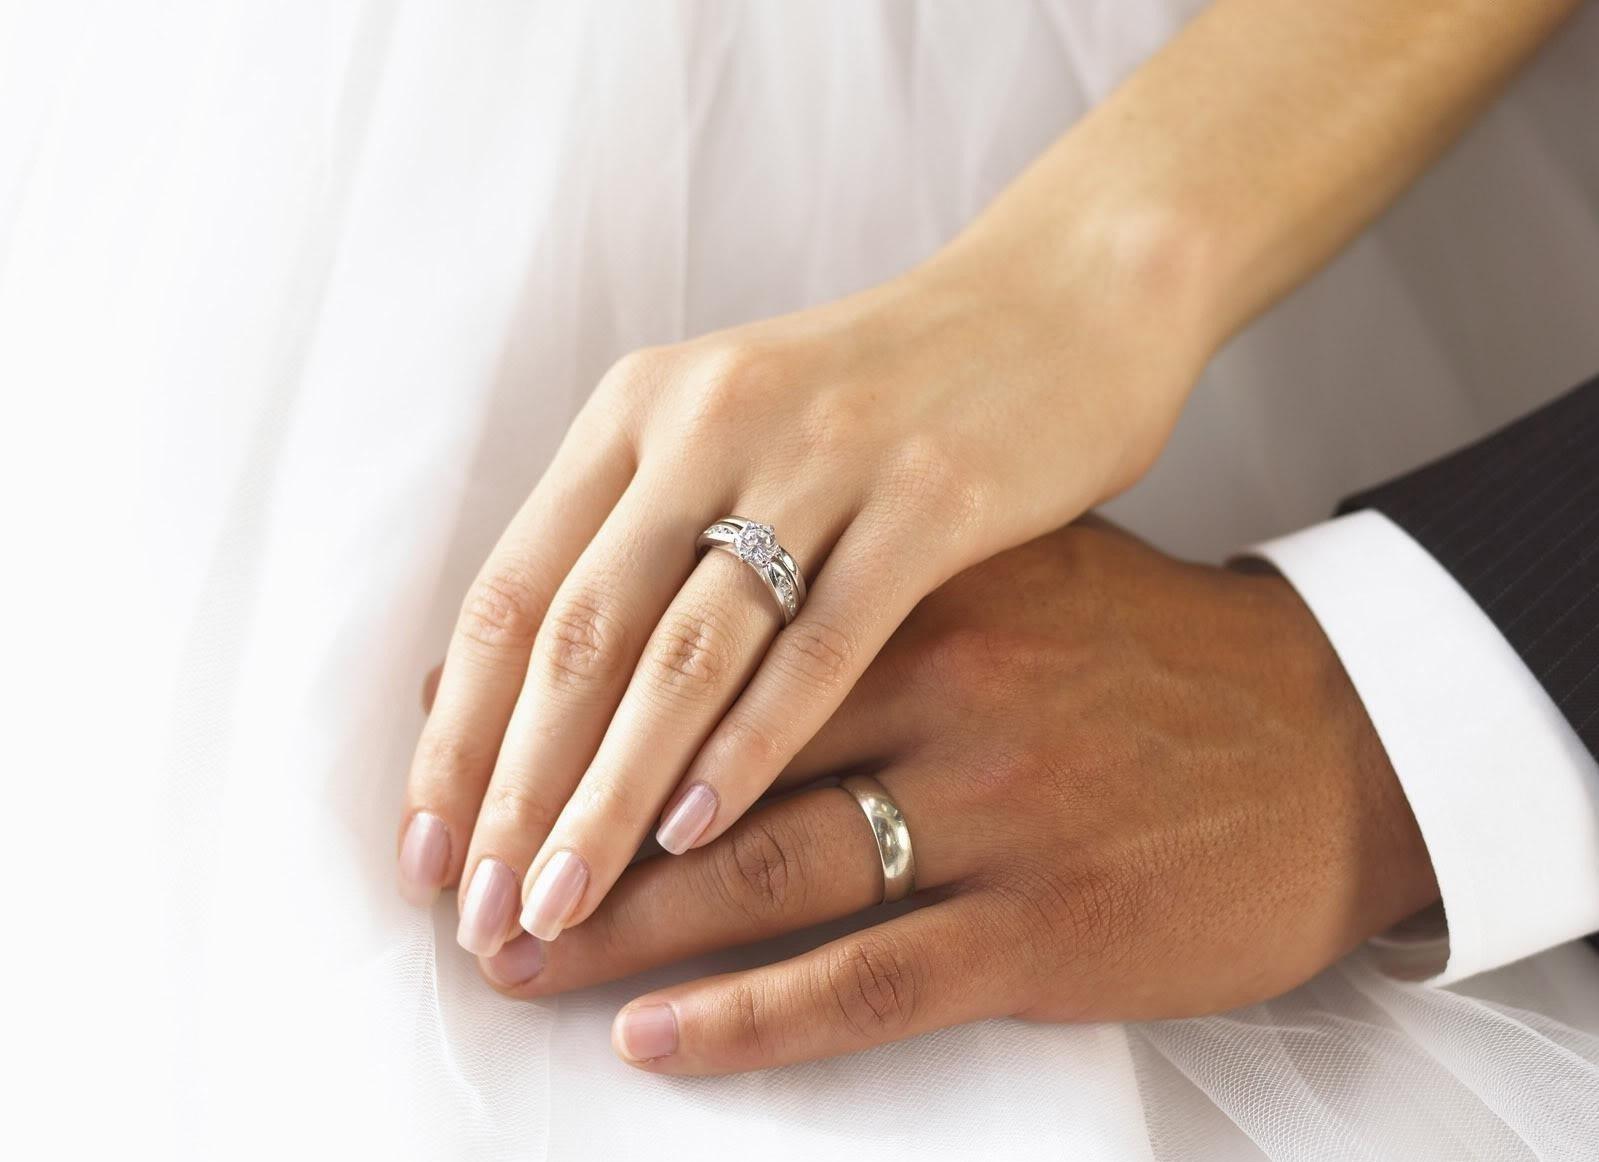 Приснилось обручальное кольцо. Толкование в соннике